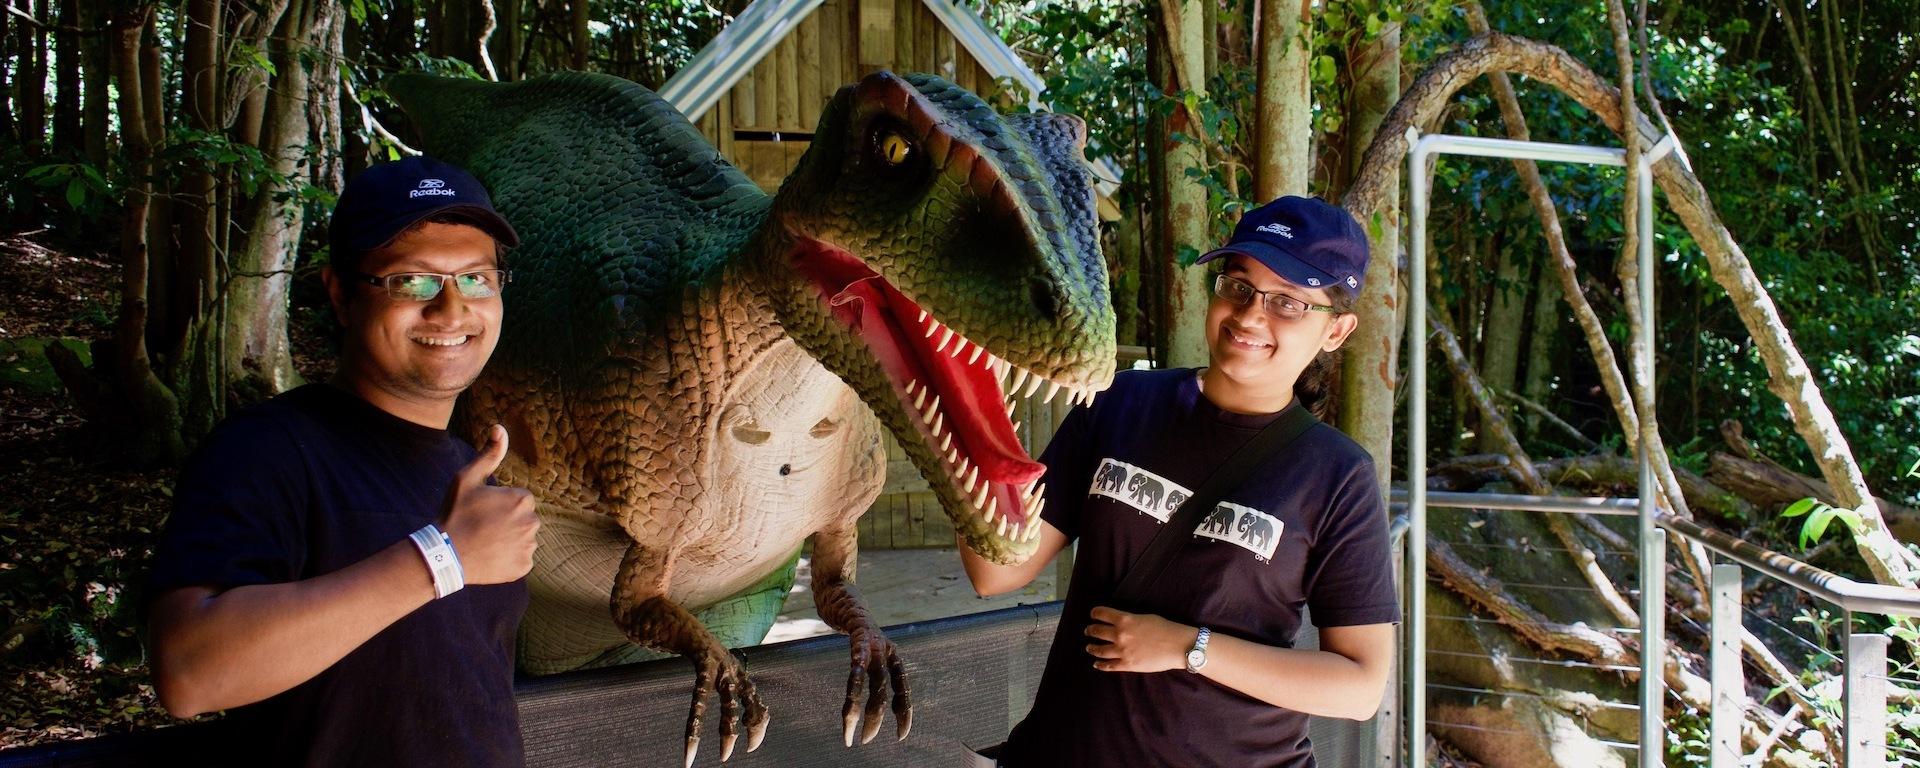 Dinosaur Valley at Scenic World, Sydney